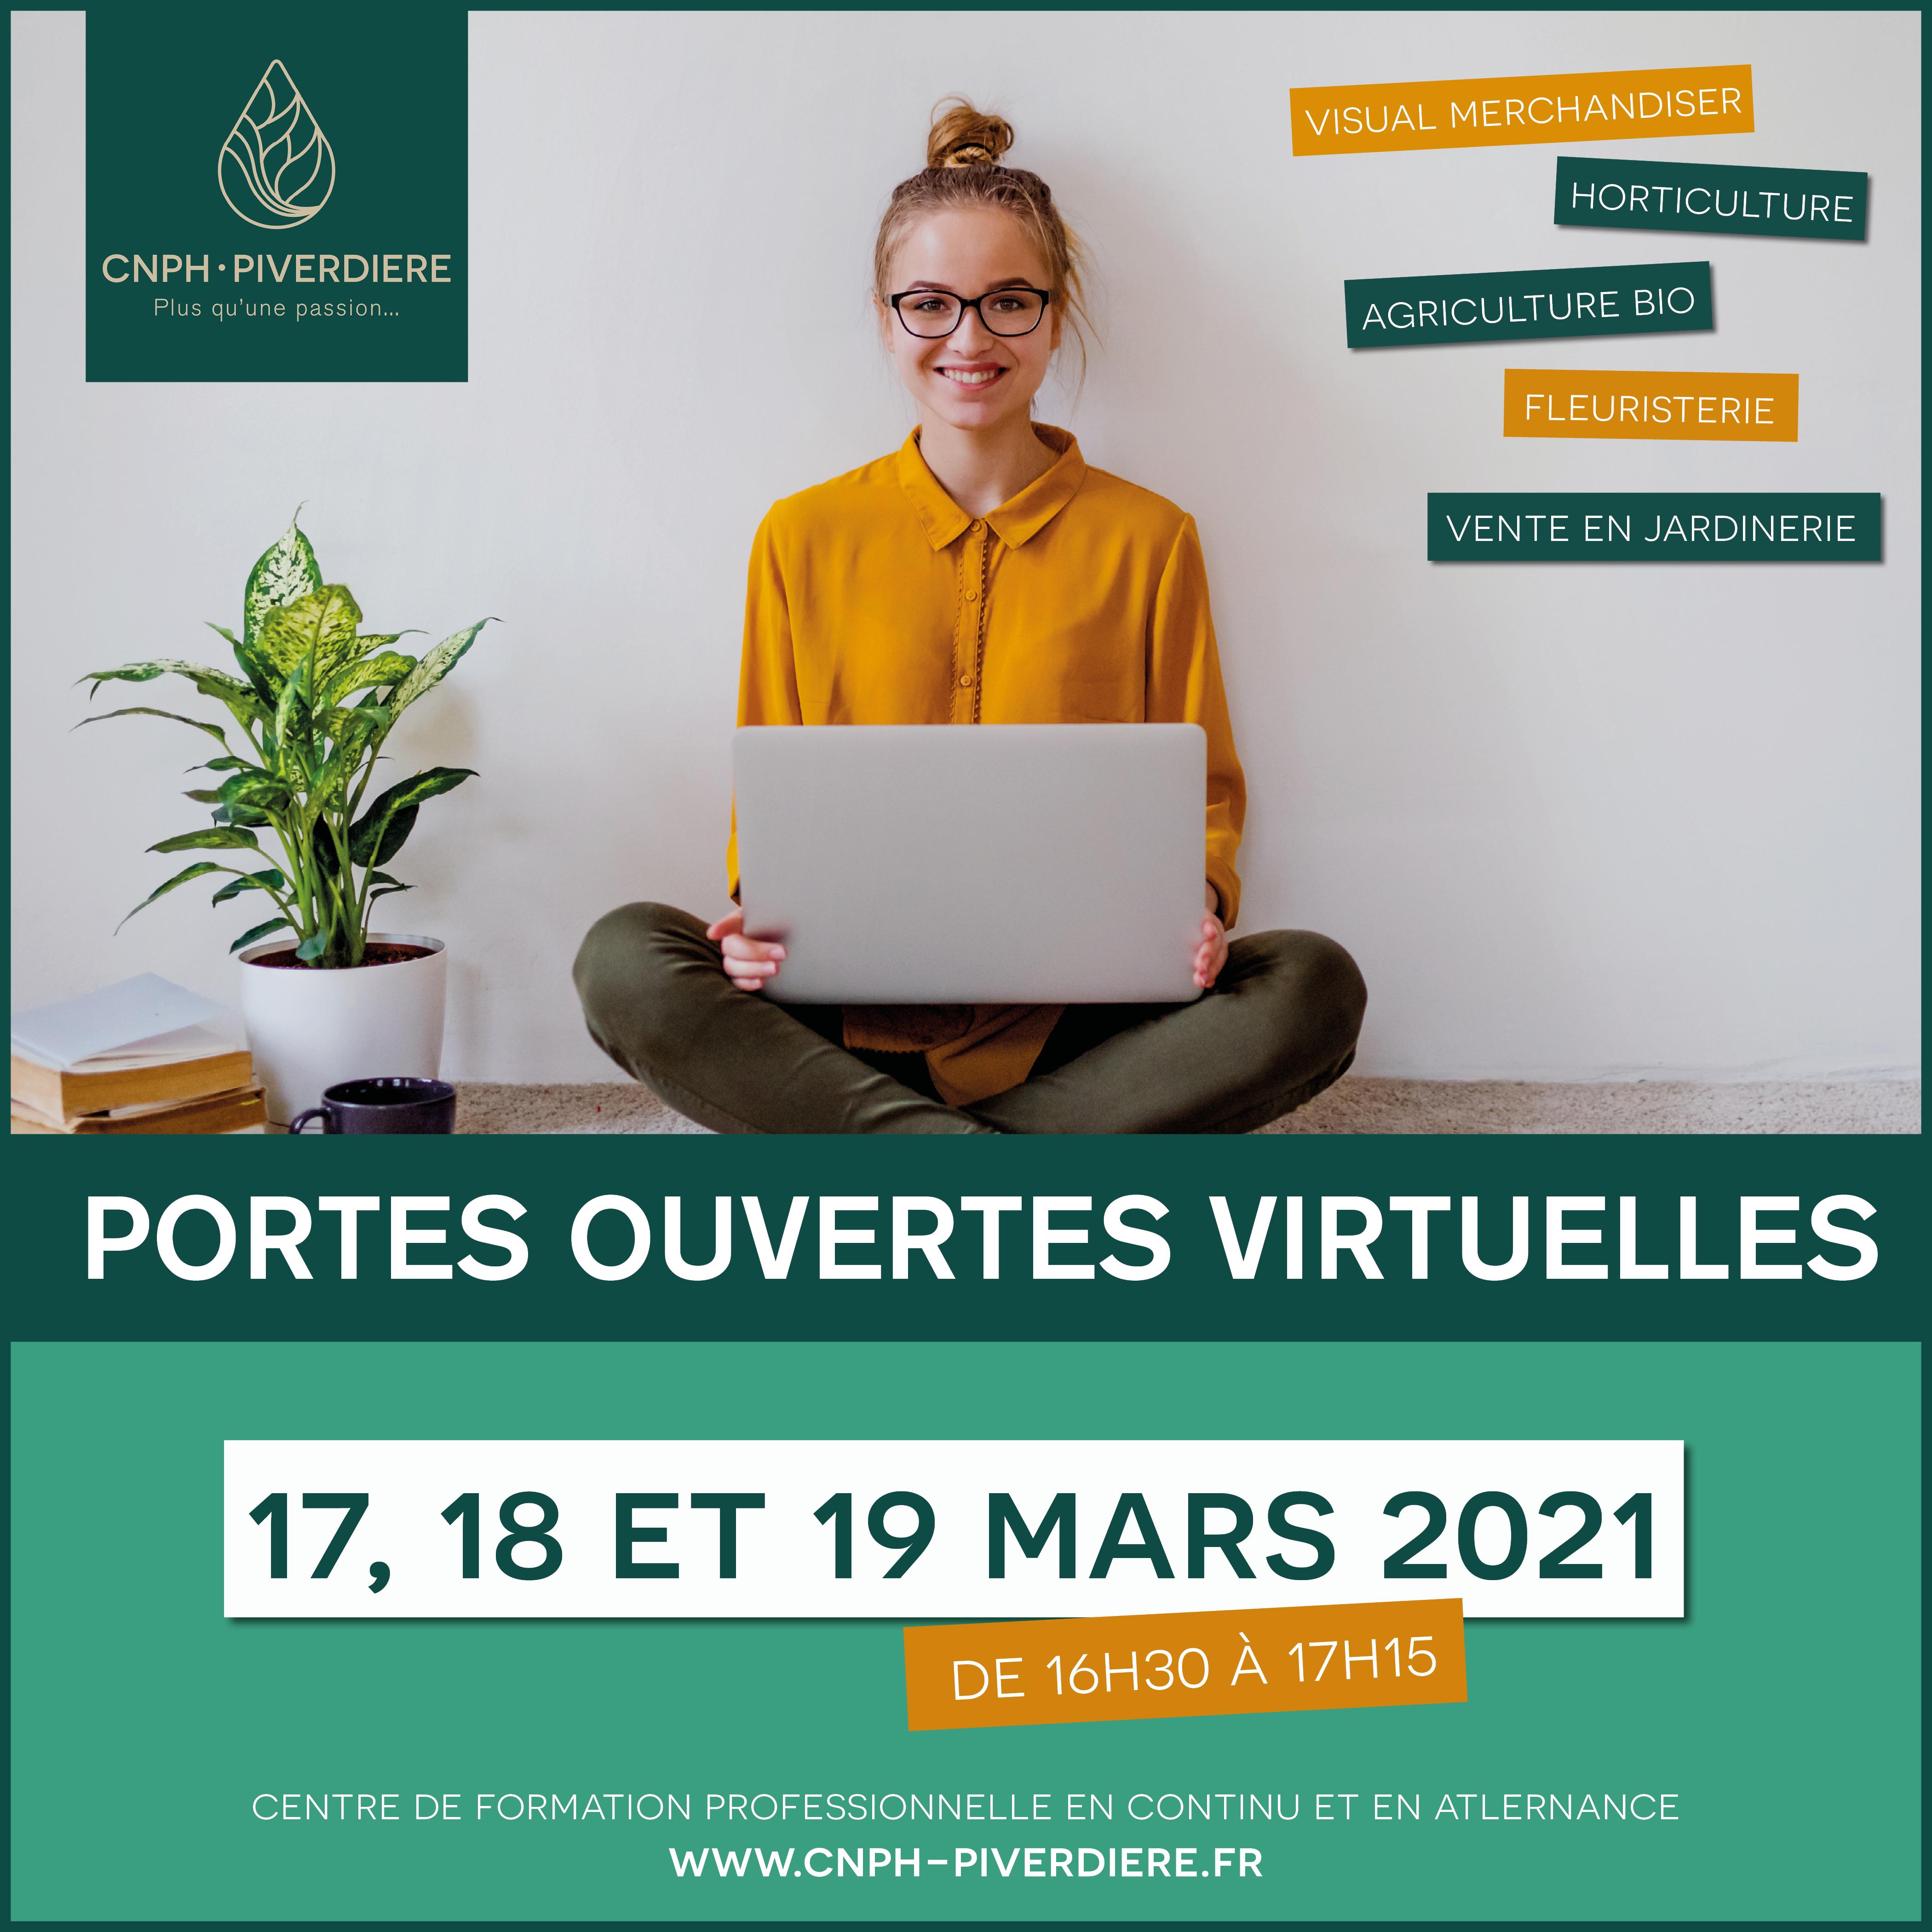 Programme-portes-ouvertes-cnphpiverdiere-2021